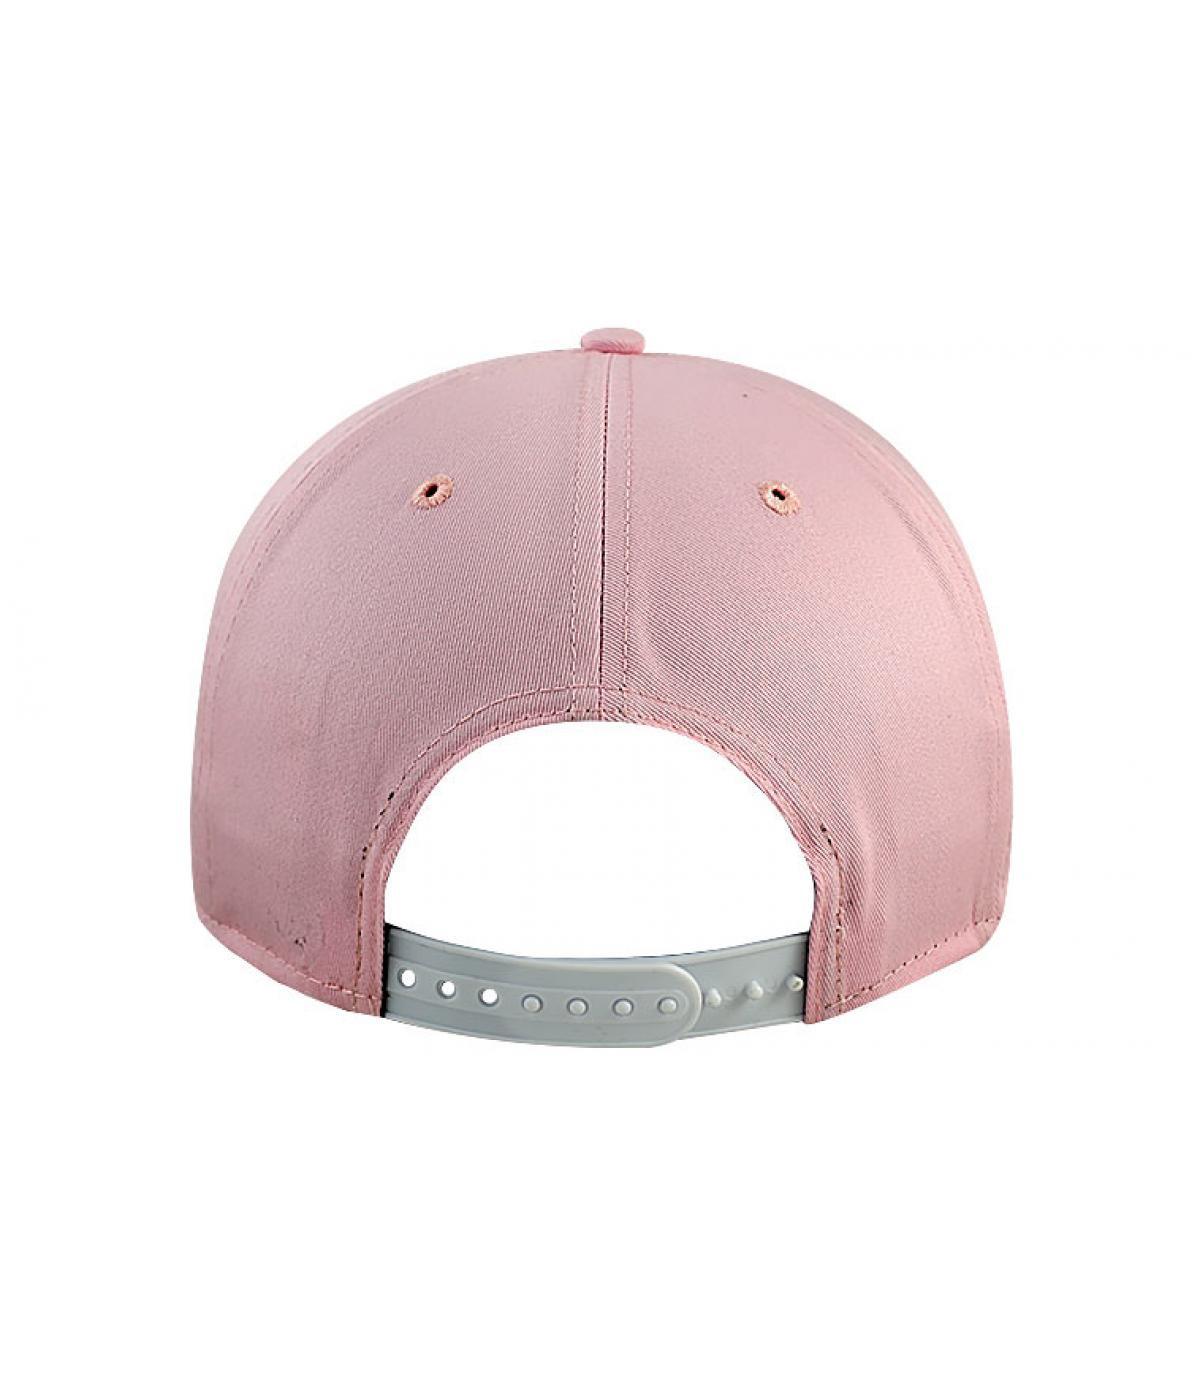 bc308d5015f4f New Era. Rosa NY Damen Cap. Details Snapback NY Dames Mode rosa - Abbildung  4  Details Snapback NY Dames Mode rosa - Abbildung ...